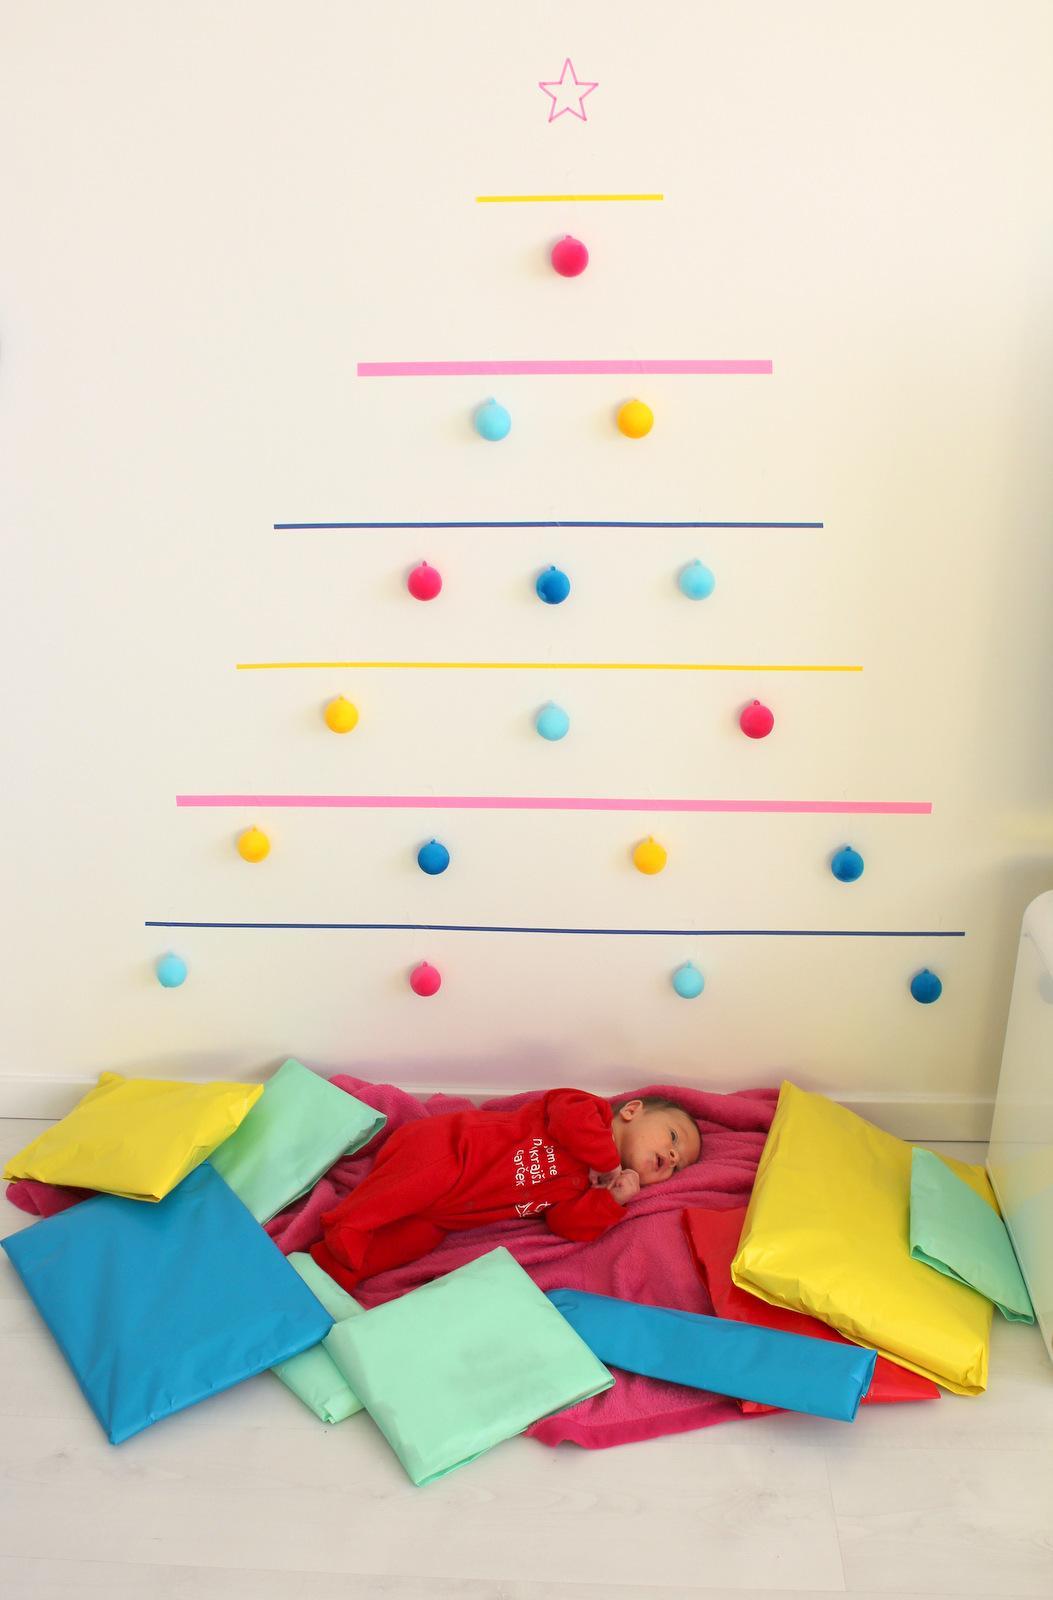 D☼m@ - náš najkrajší vianočný darček pod stromčekom .:X:.